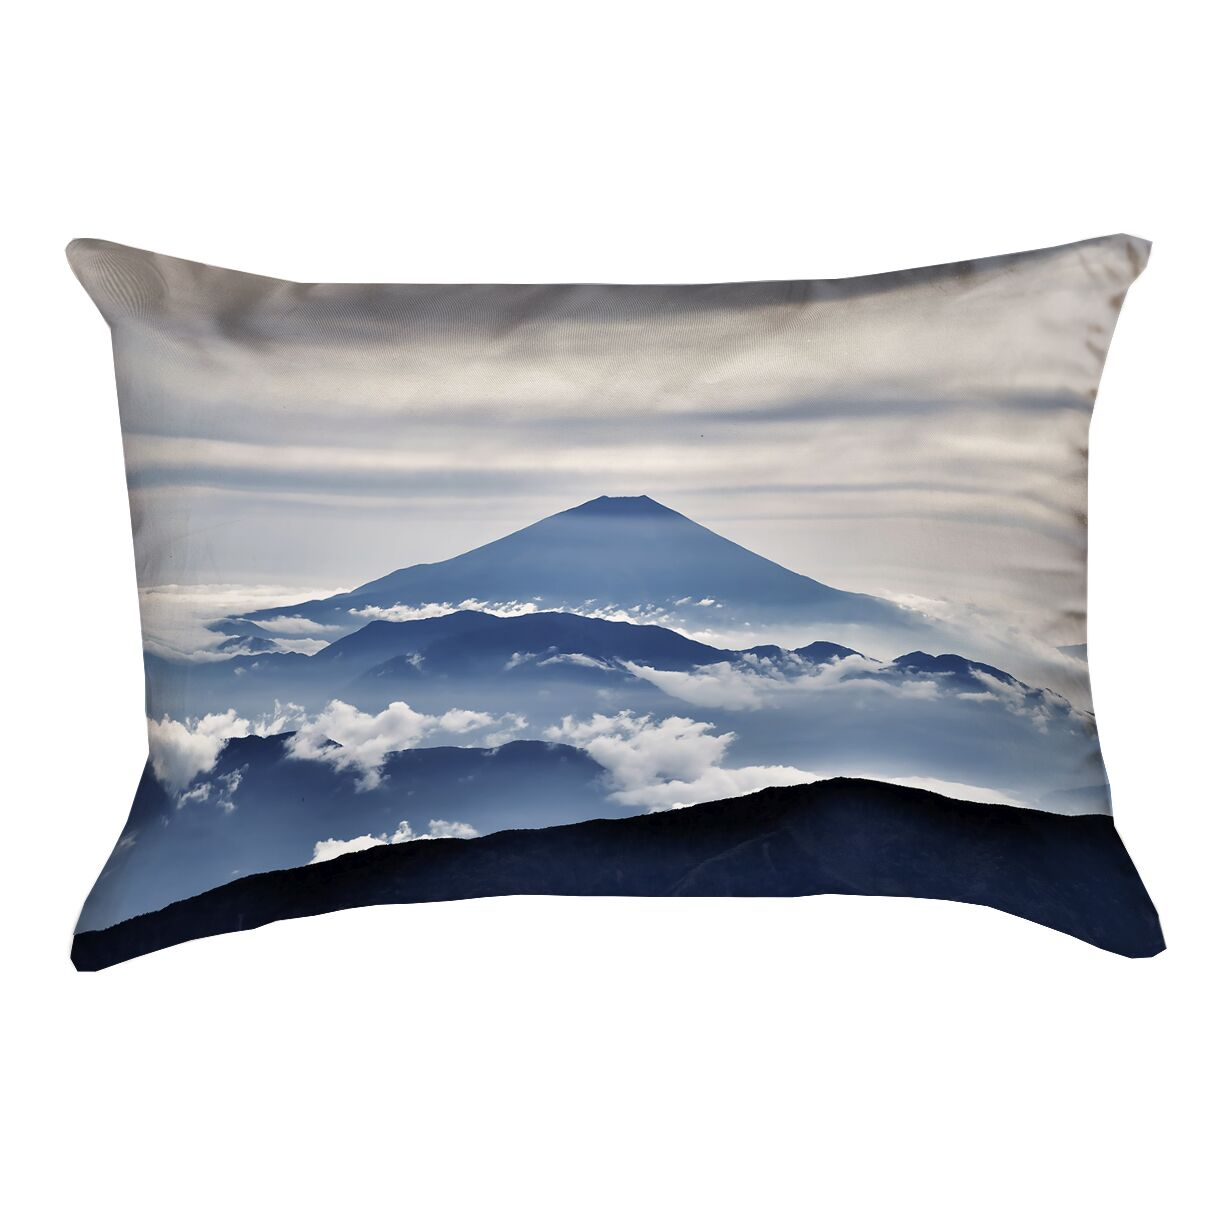 Hashimoto A View of Mt. Fuji Indoor/Outdoor Lumbar Pillow